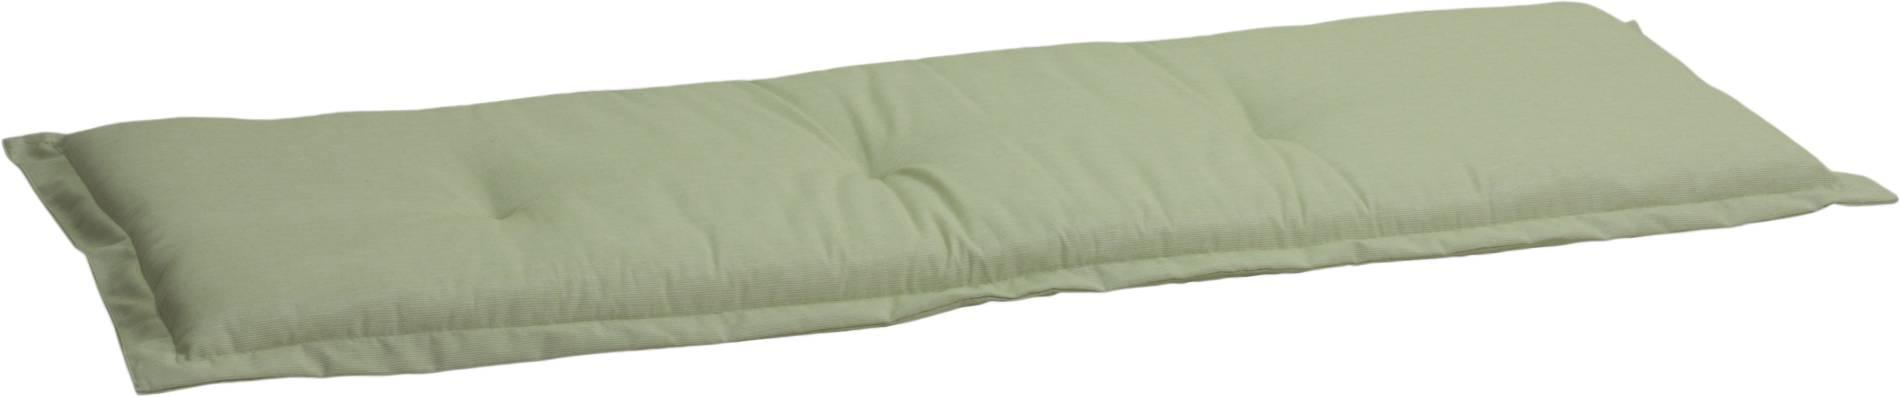 3-Sitzer Bankauflage in oliv grün Querstreifen Struktur ca. 145 x 45 cm ca.7 cm dick